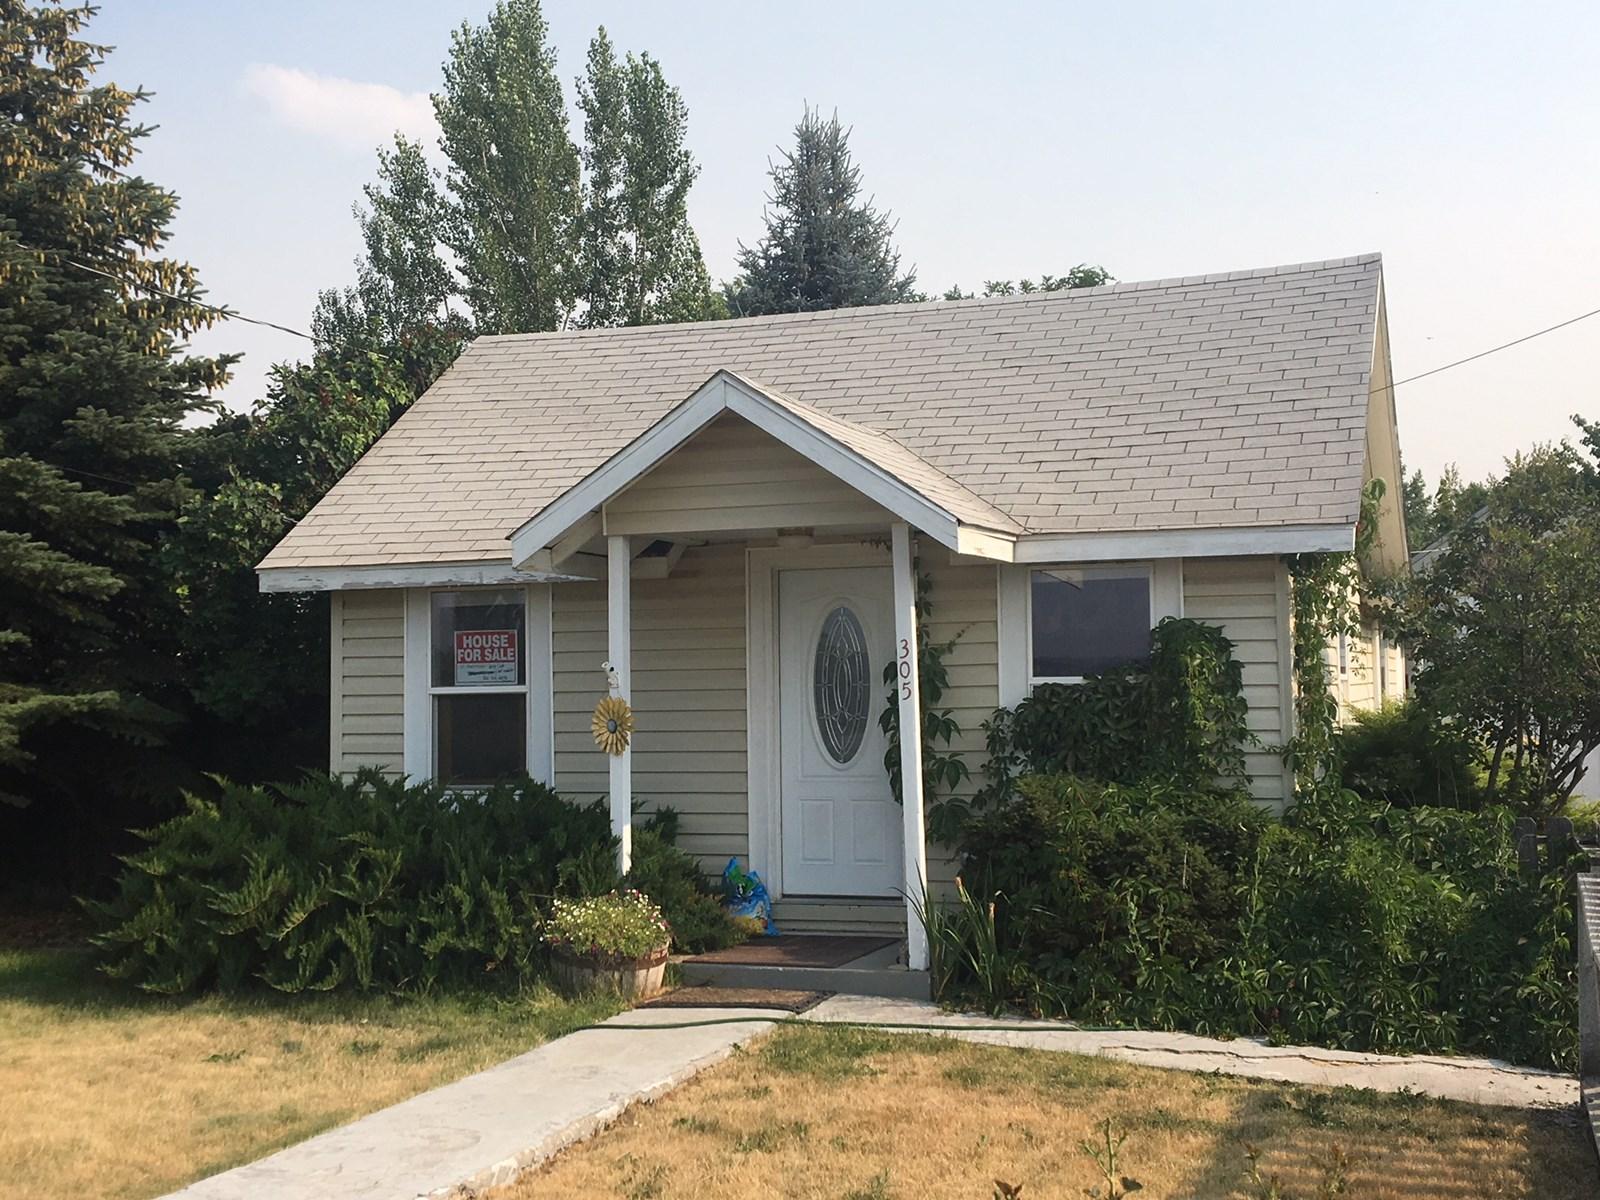 Home for Sale in Modoc County, Alturas, CA.